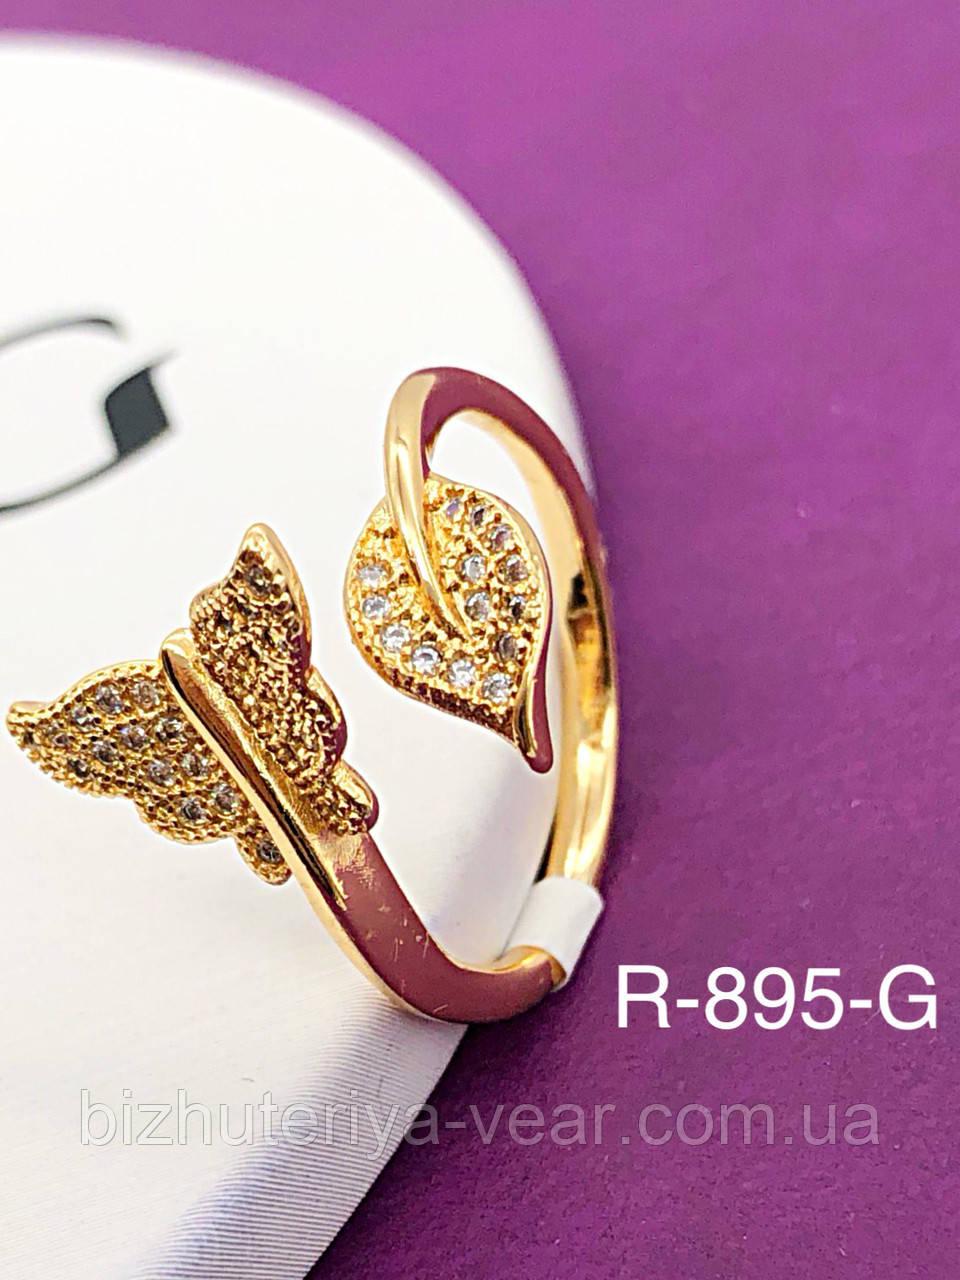 Кольцо R-895 (6,8)